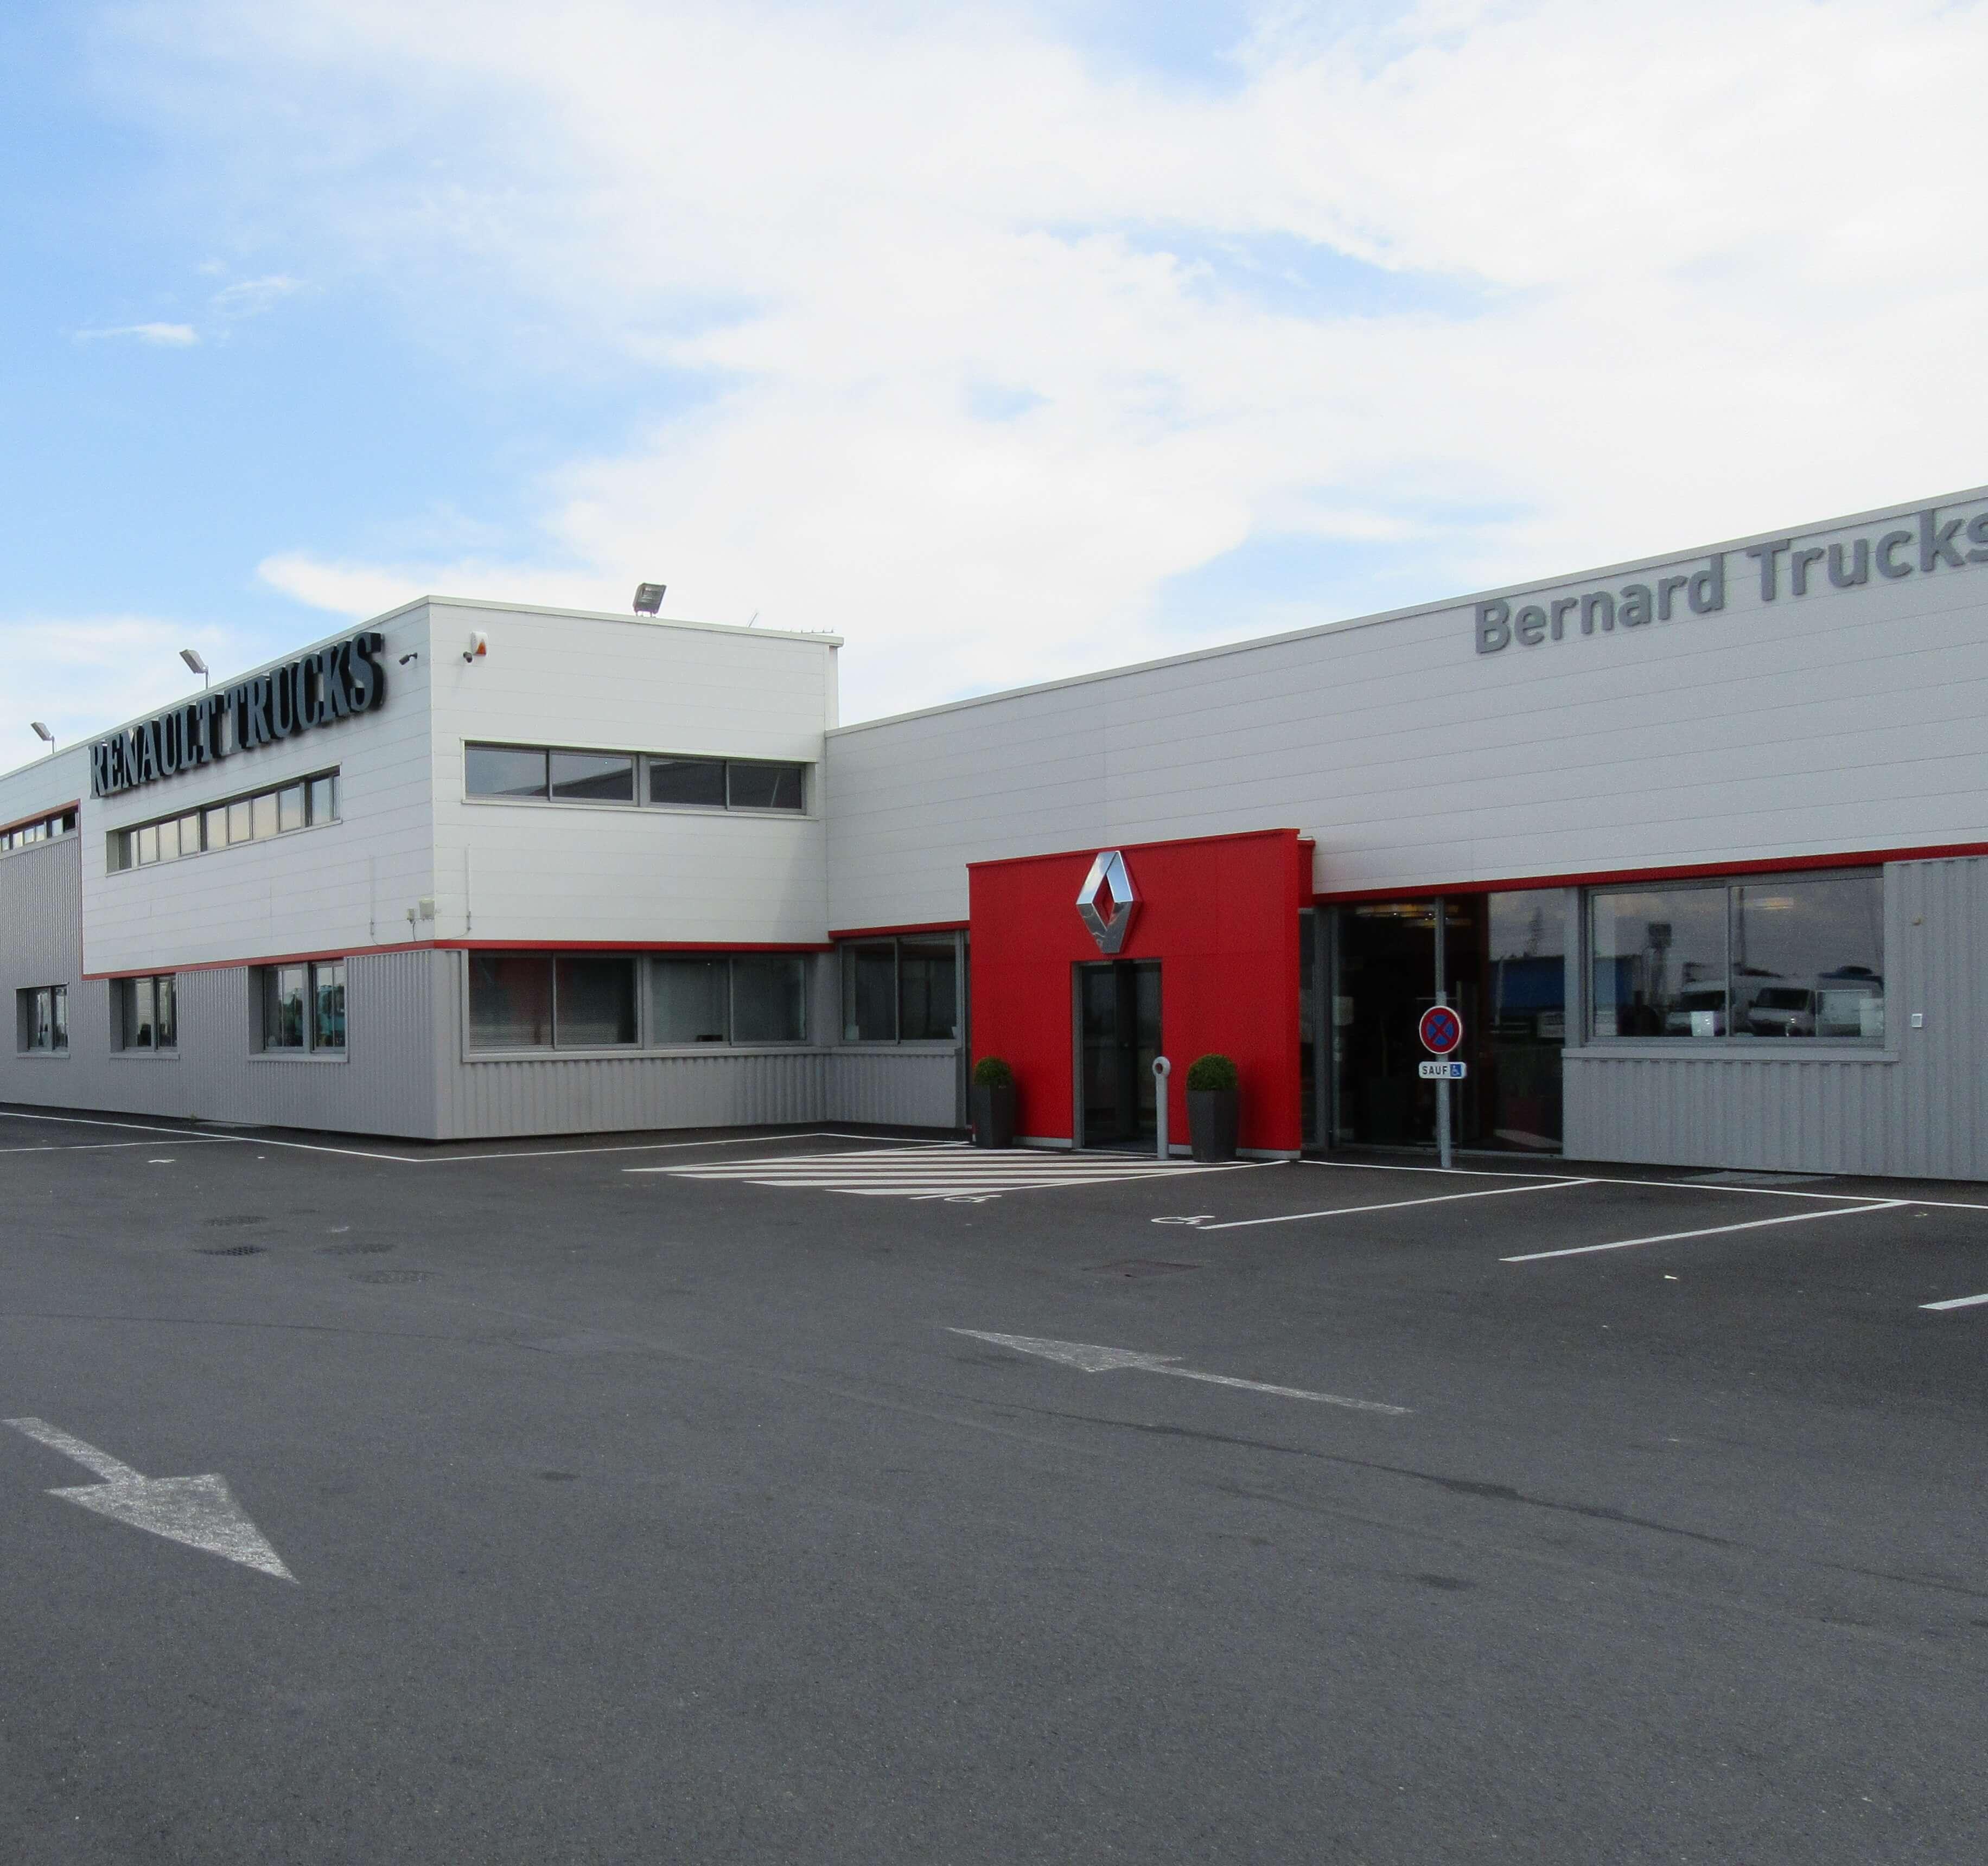 Bernard Trucks Villefranche